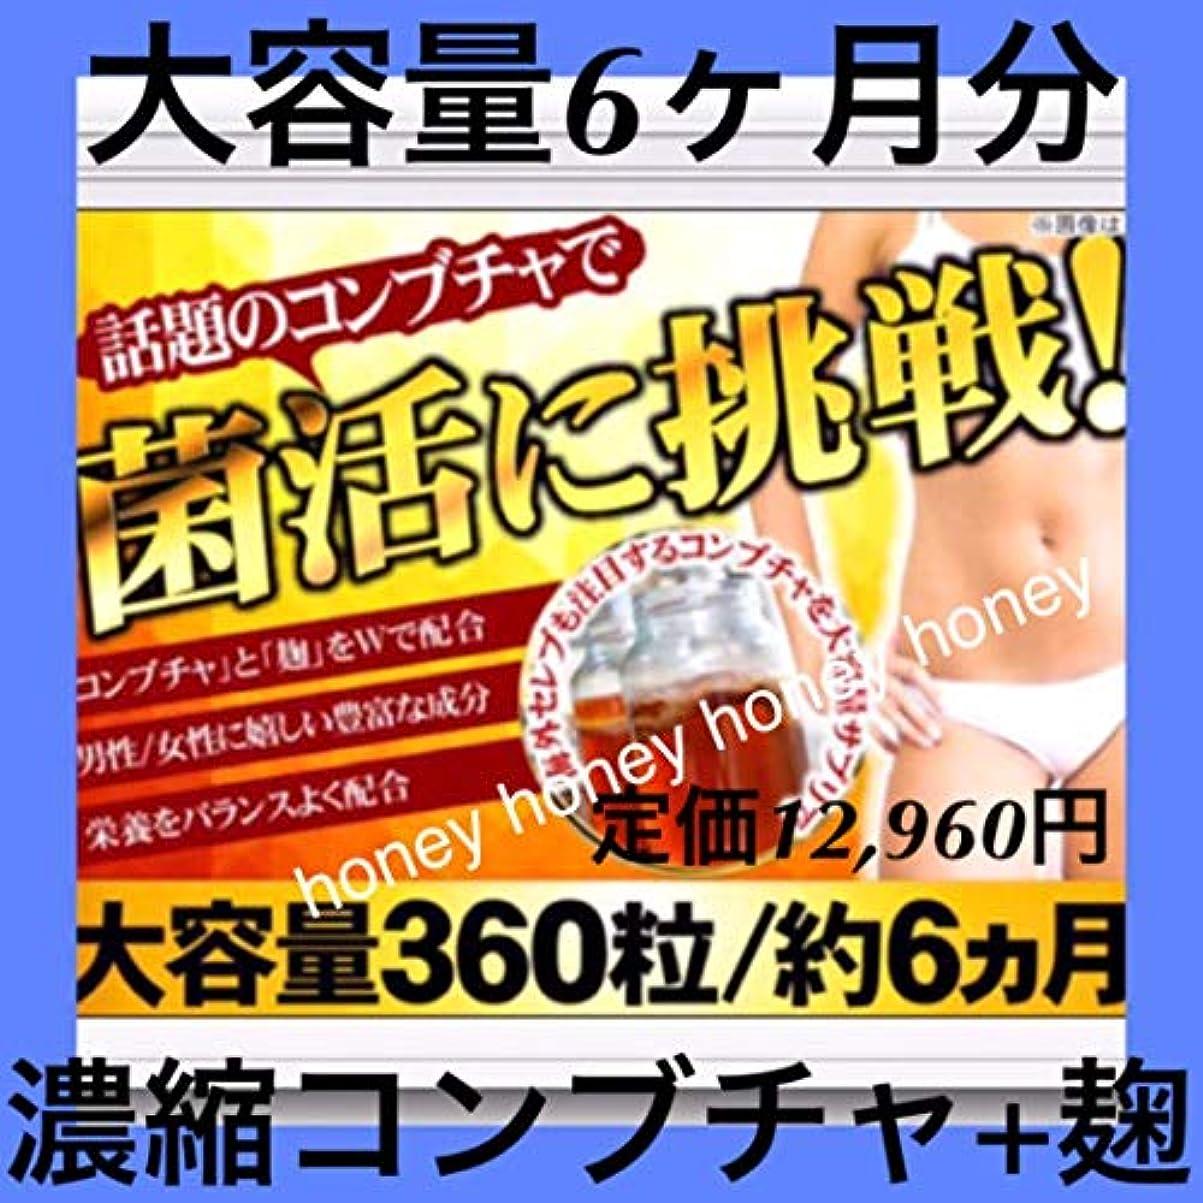 ネックレス兵器庫修理工大容量6ヶ月定価12,960円??濃縮コンブチャ菌活スリム ダイエット??